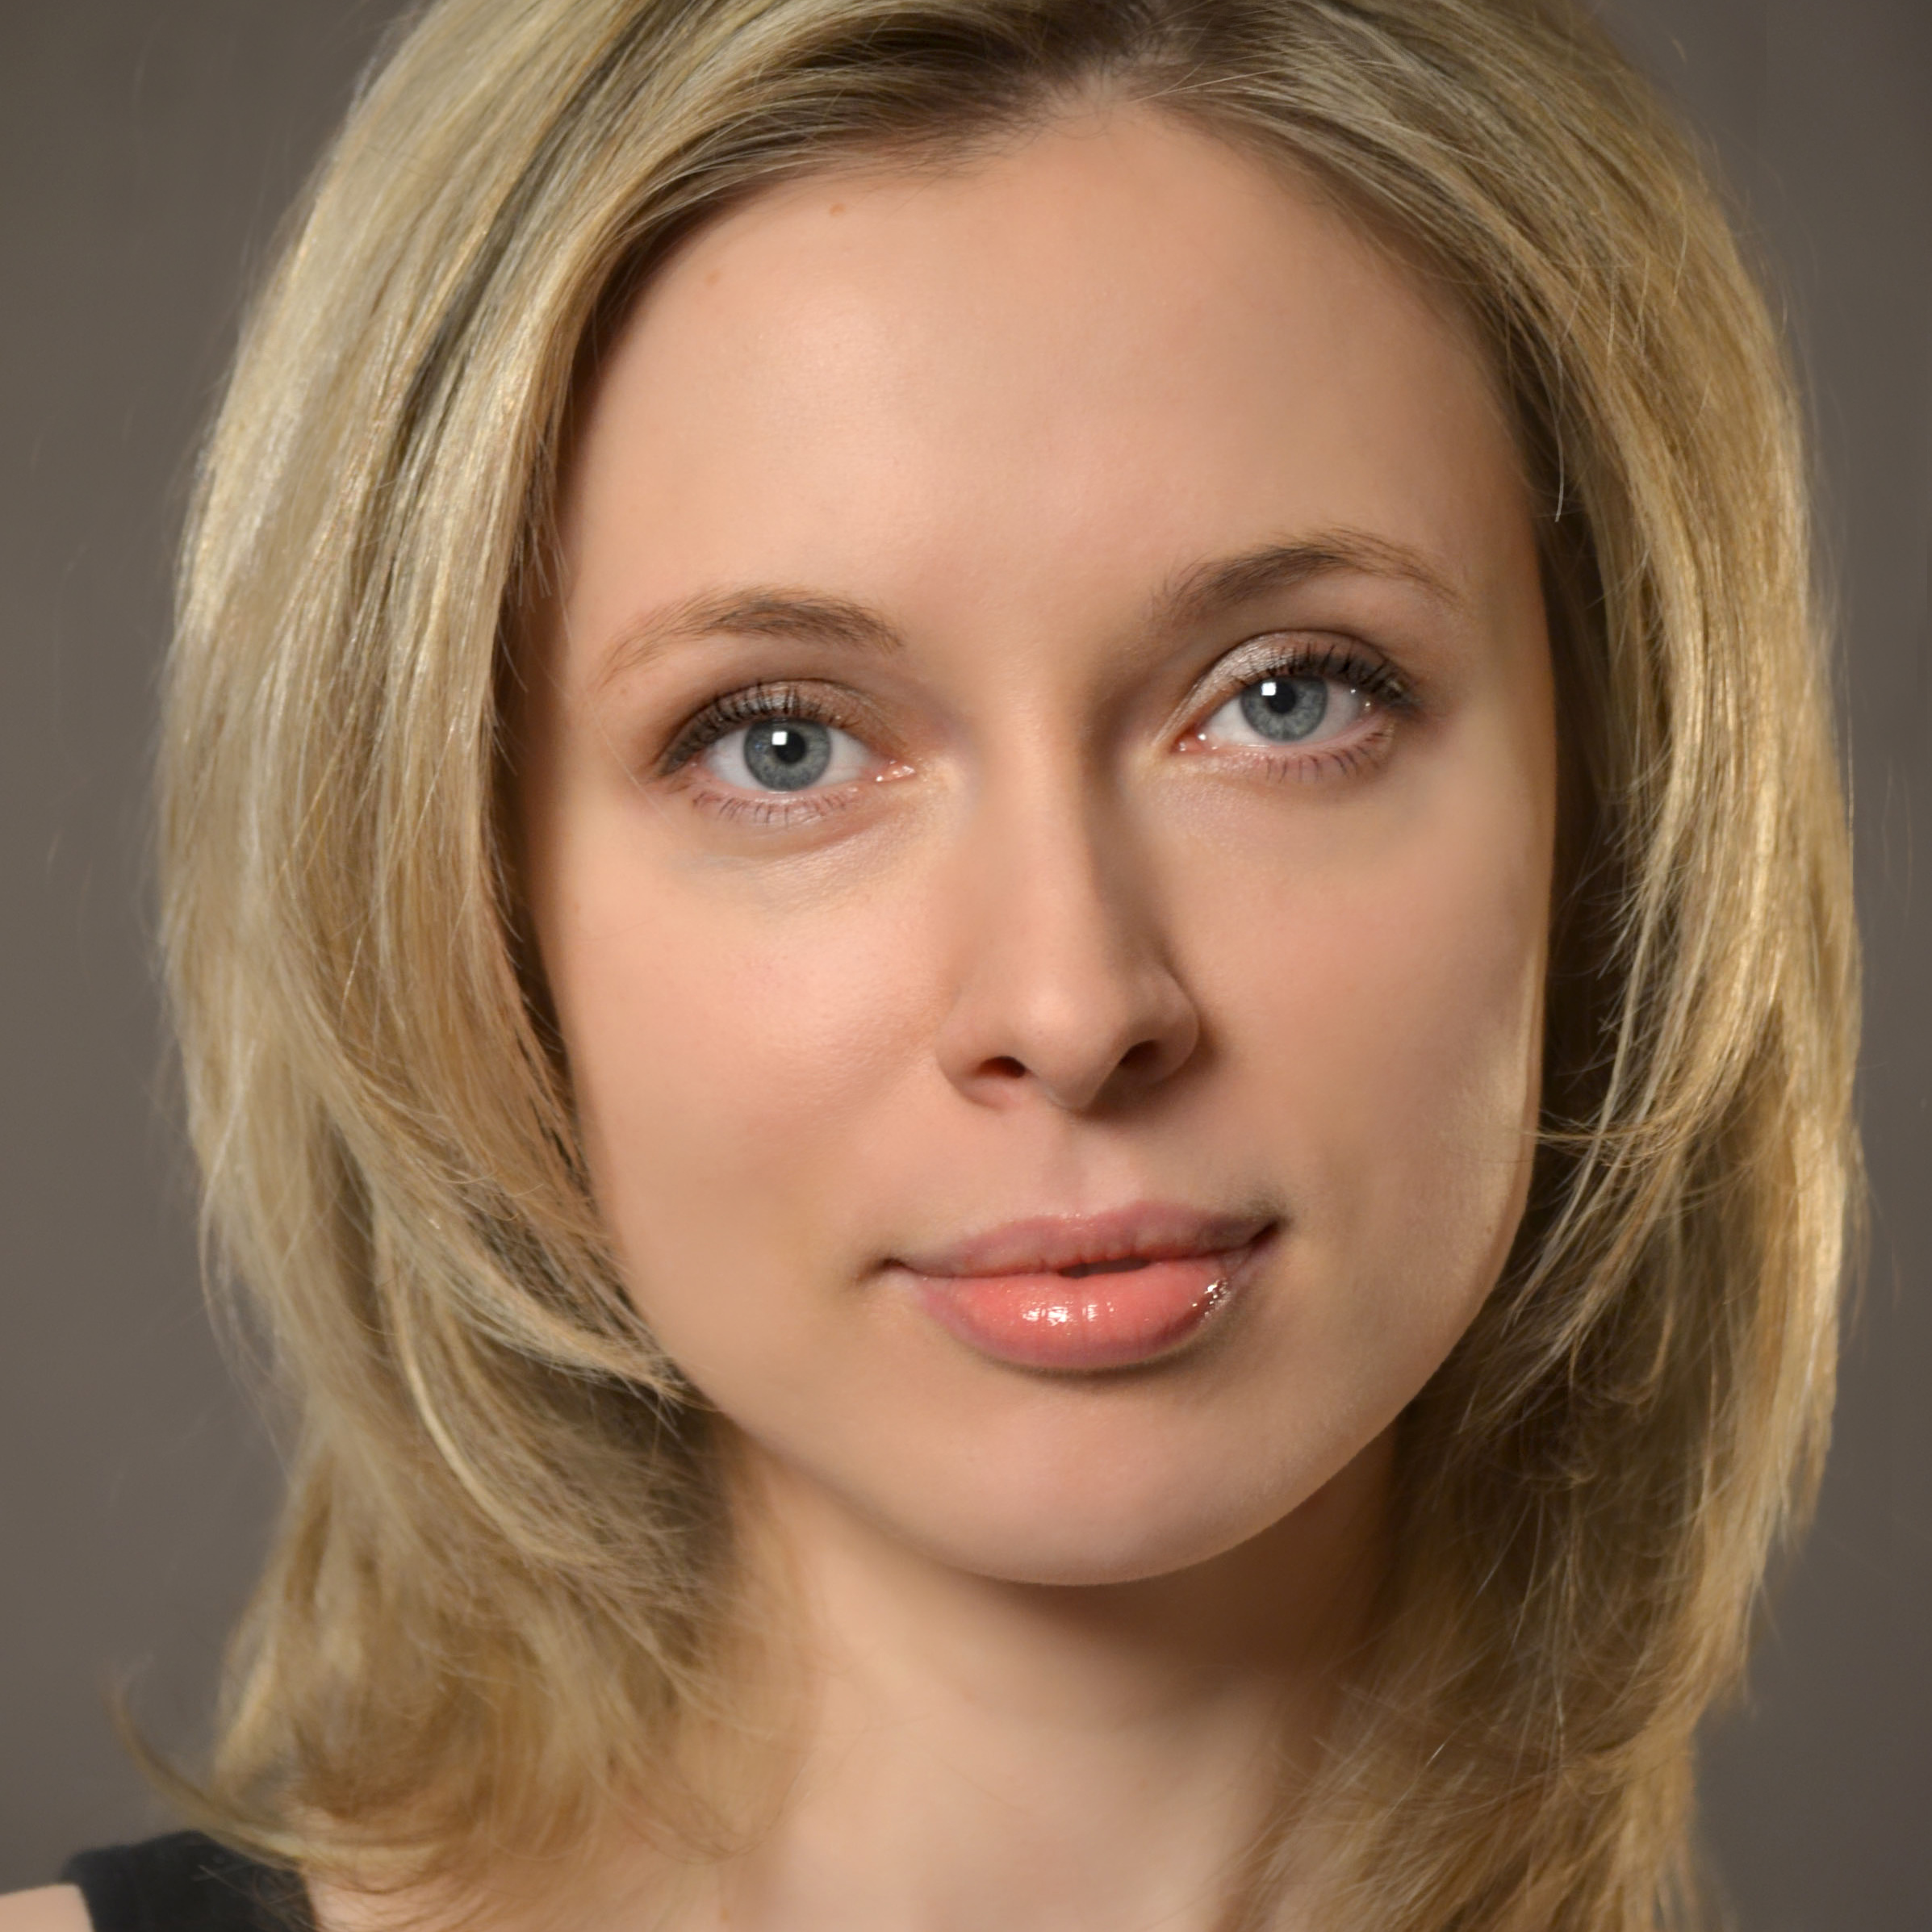 Sasha Kuznetsova